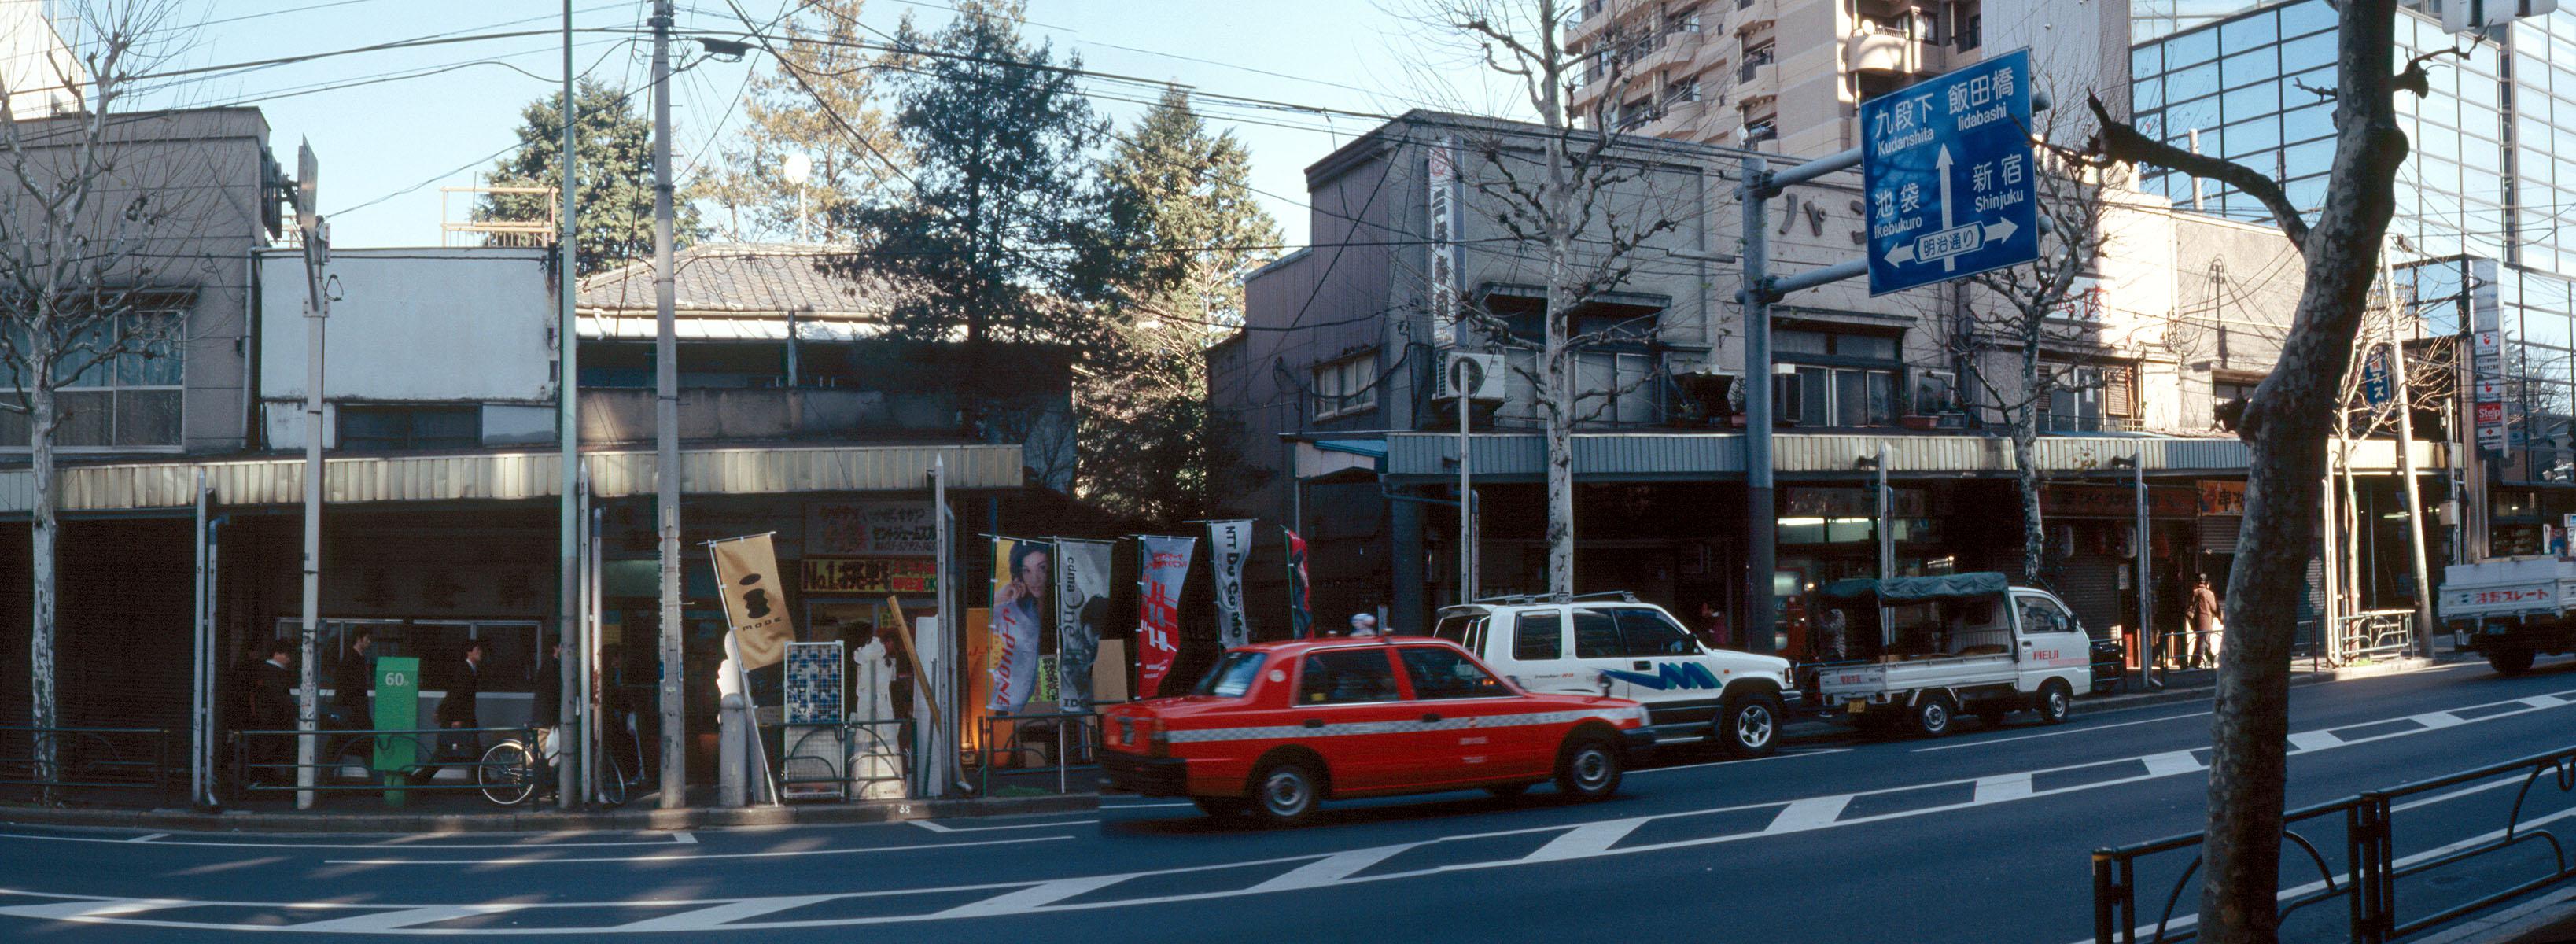 011 早稲田通り、新宿区高田馬場2-2 20000202(00.04.17-18)